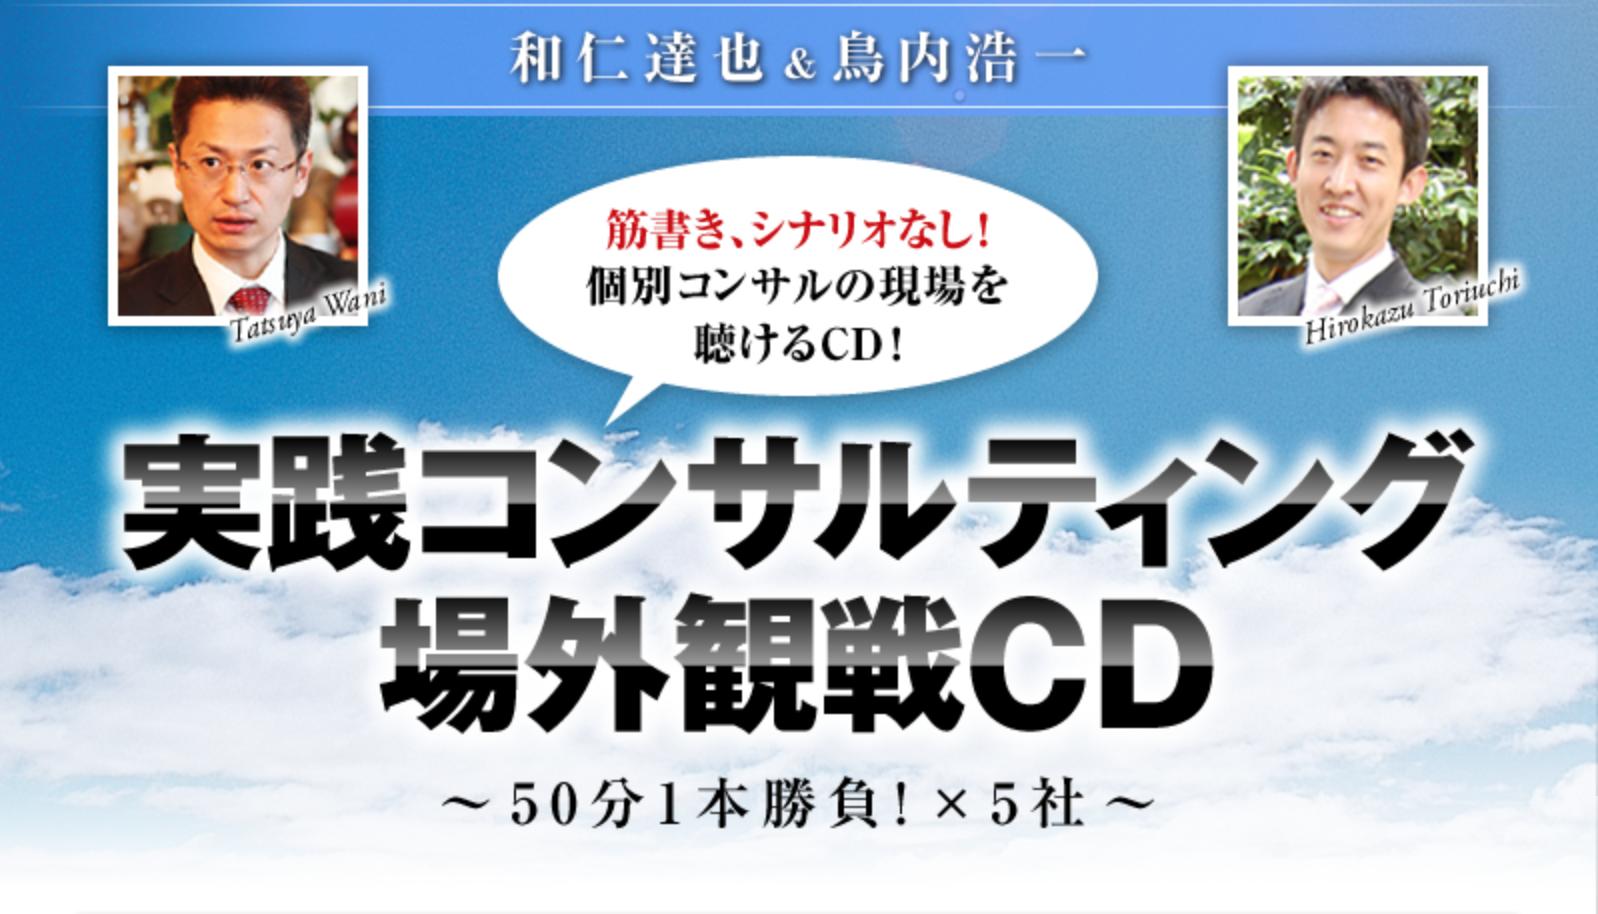 実践コンサルティング場外観戦CD